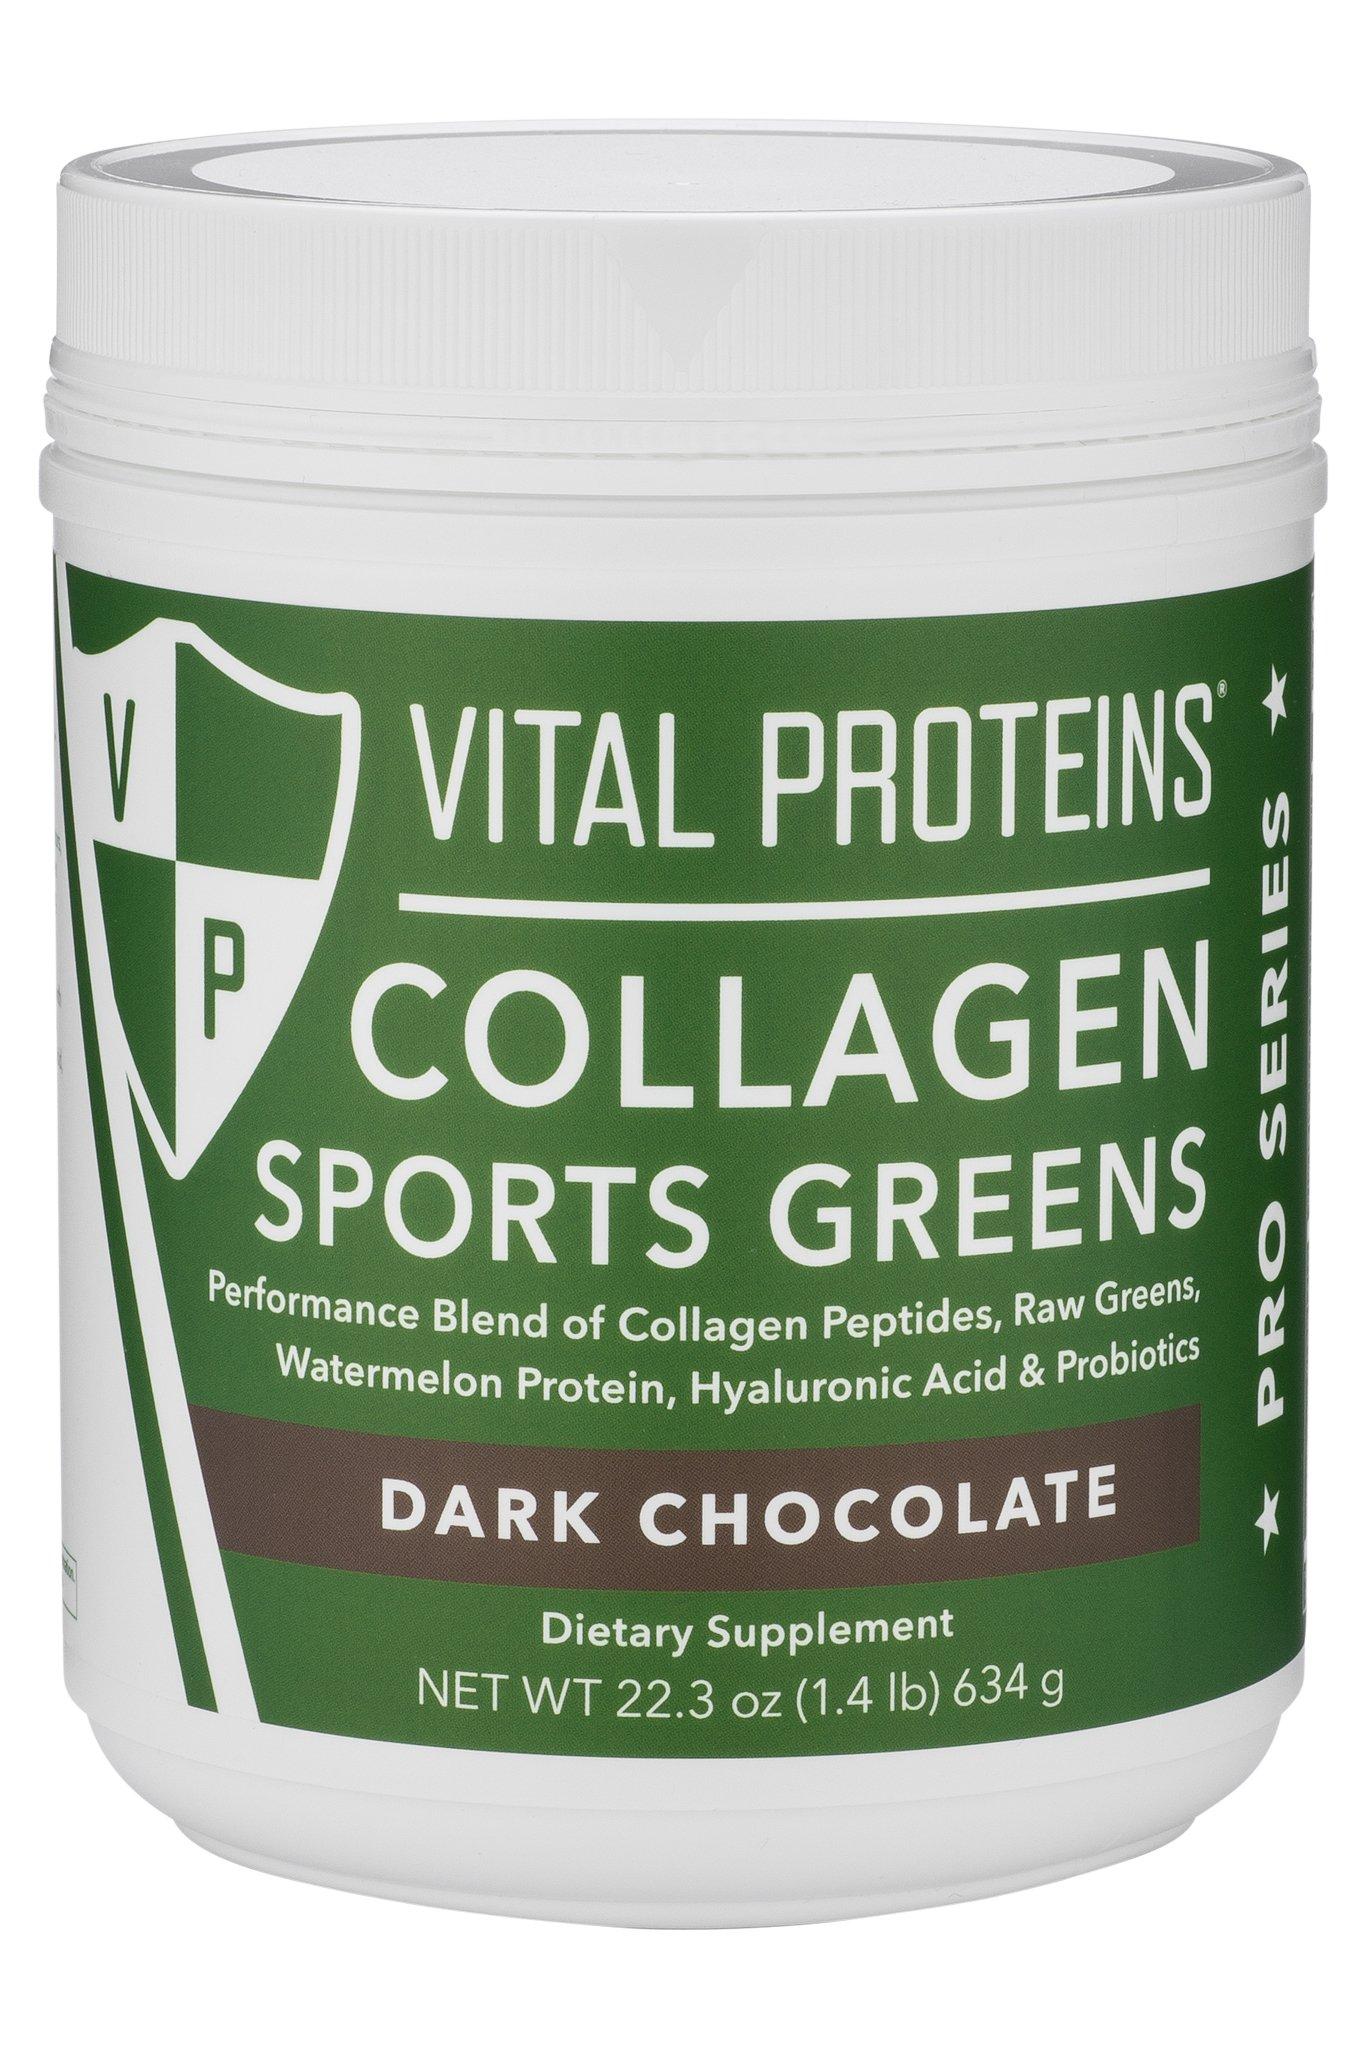 Vital Proteins Collagen Sports Greens - Dark Chocolate, Dairy Free Protein Powder, Watermelon Seed Protein